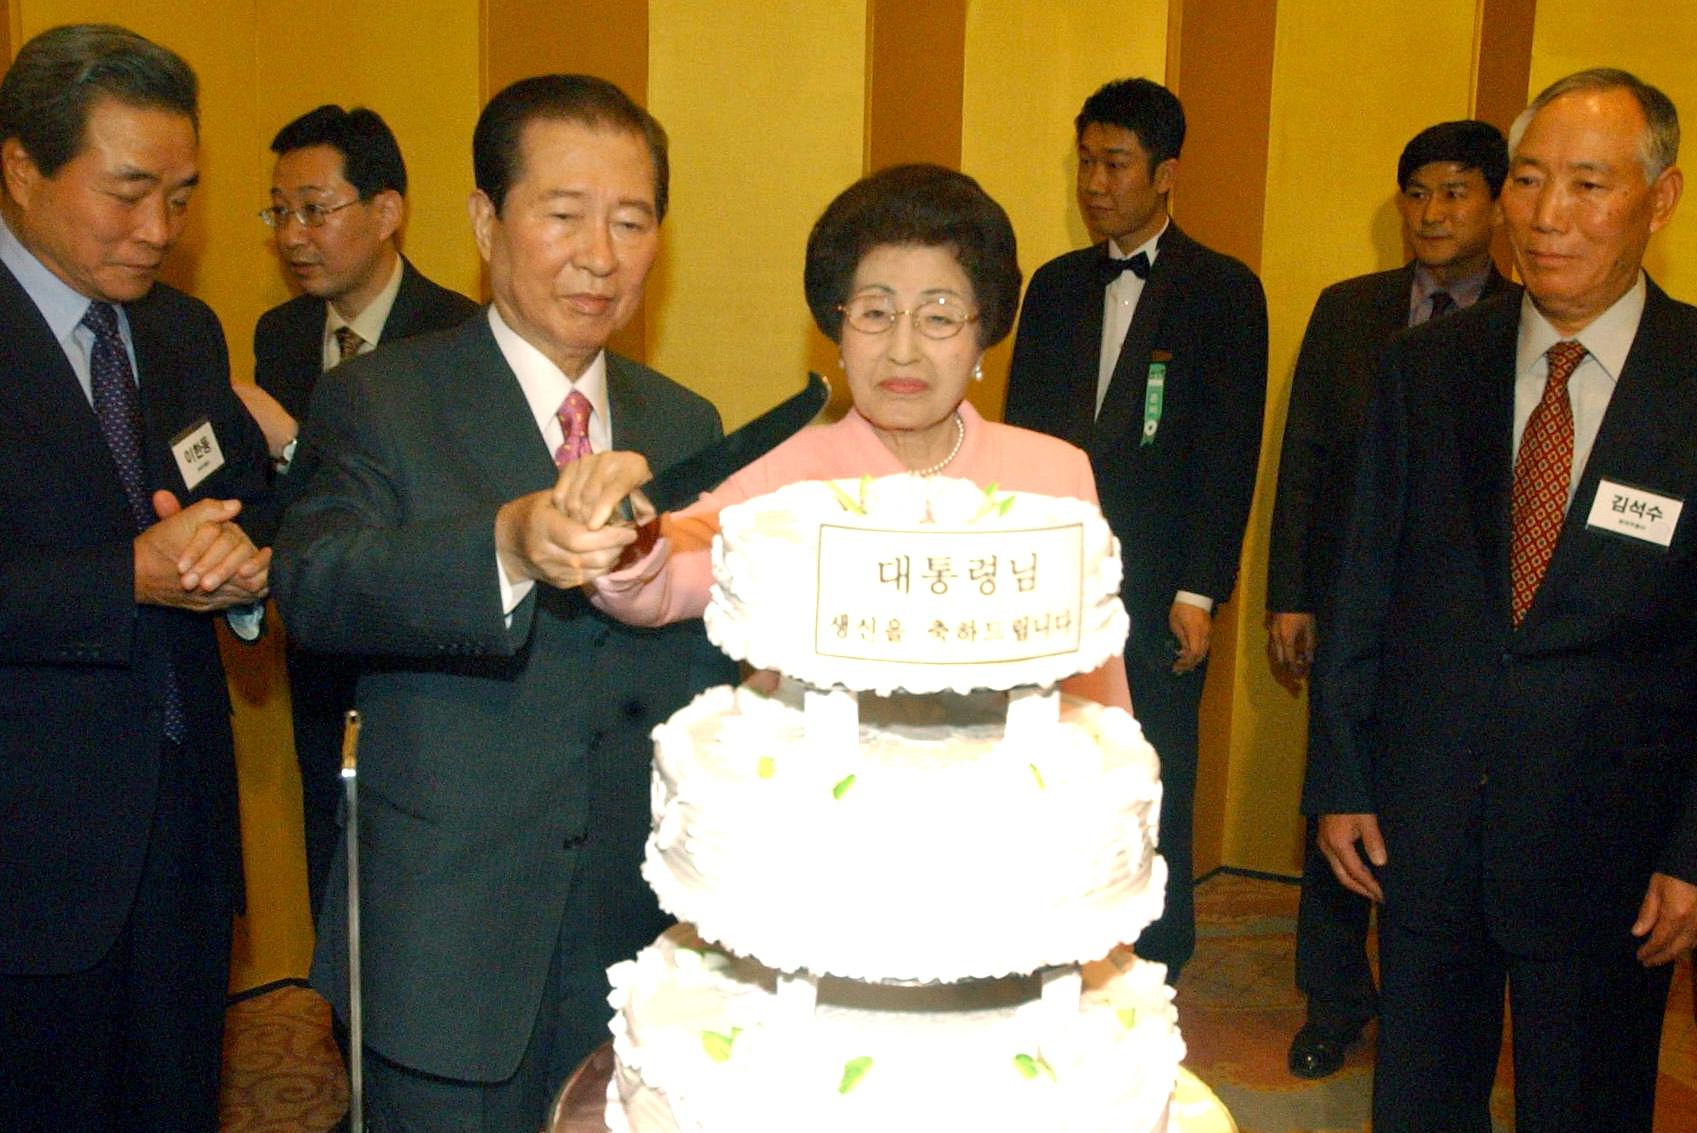 2004년 김대중 전 대통령의 팔순잔치에서 김 대통령과 부인 이희호 여사가 케이크를 자르고 있다. [중앙포토]